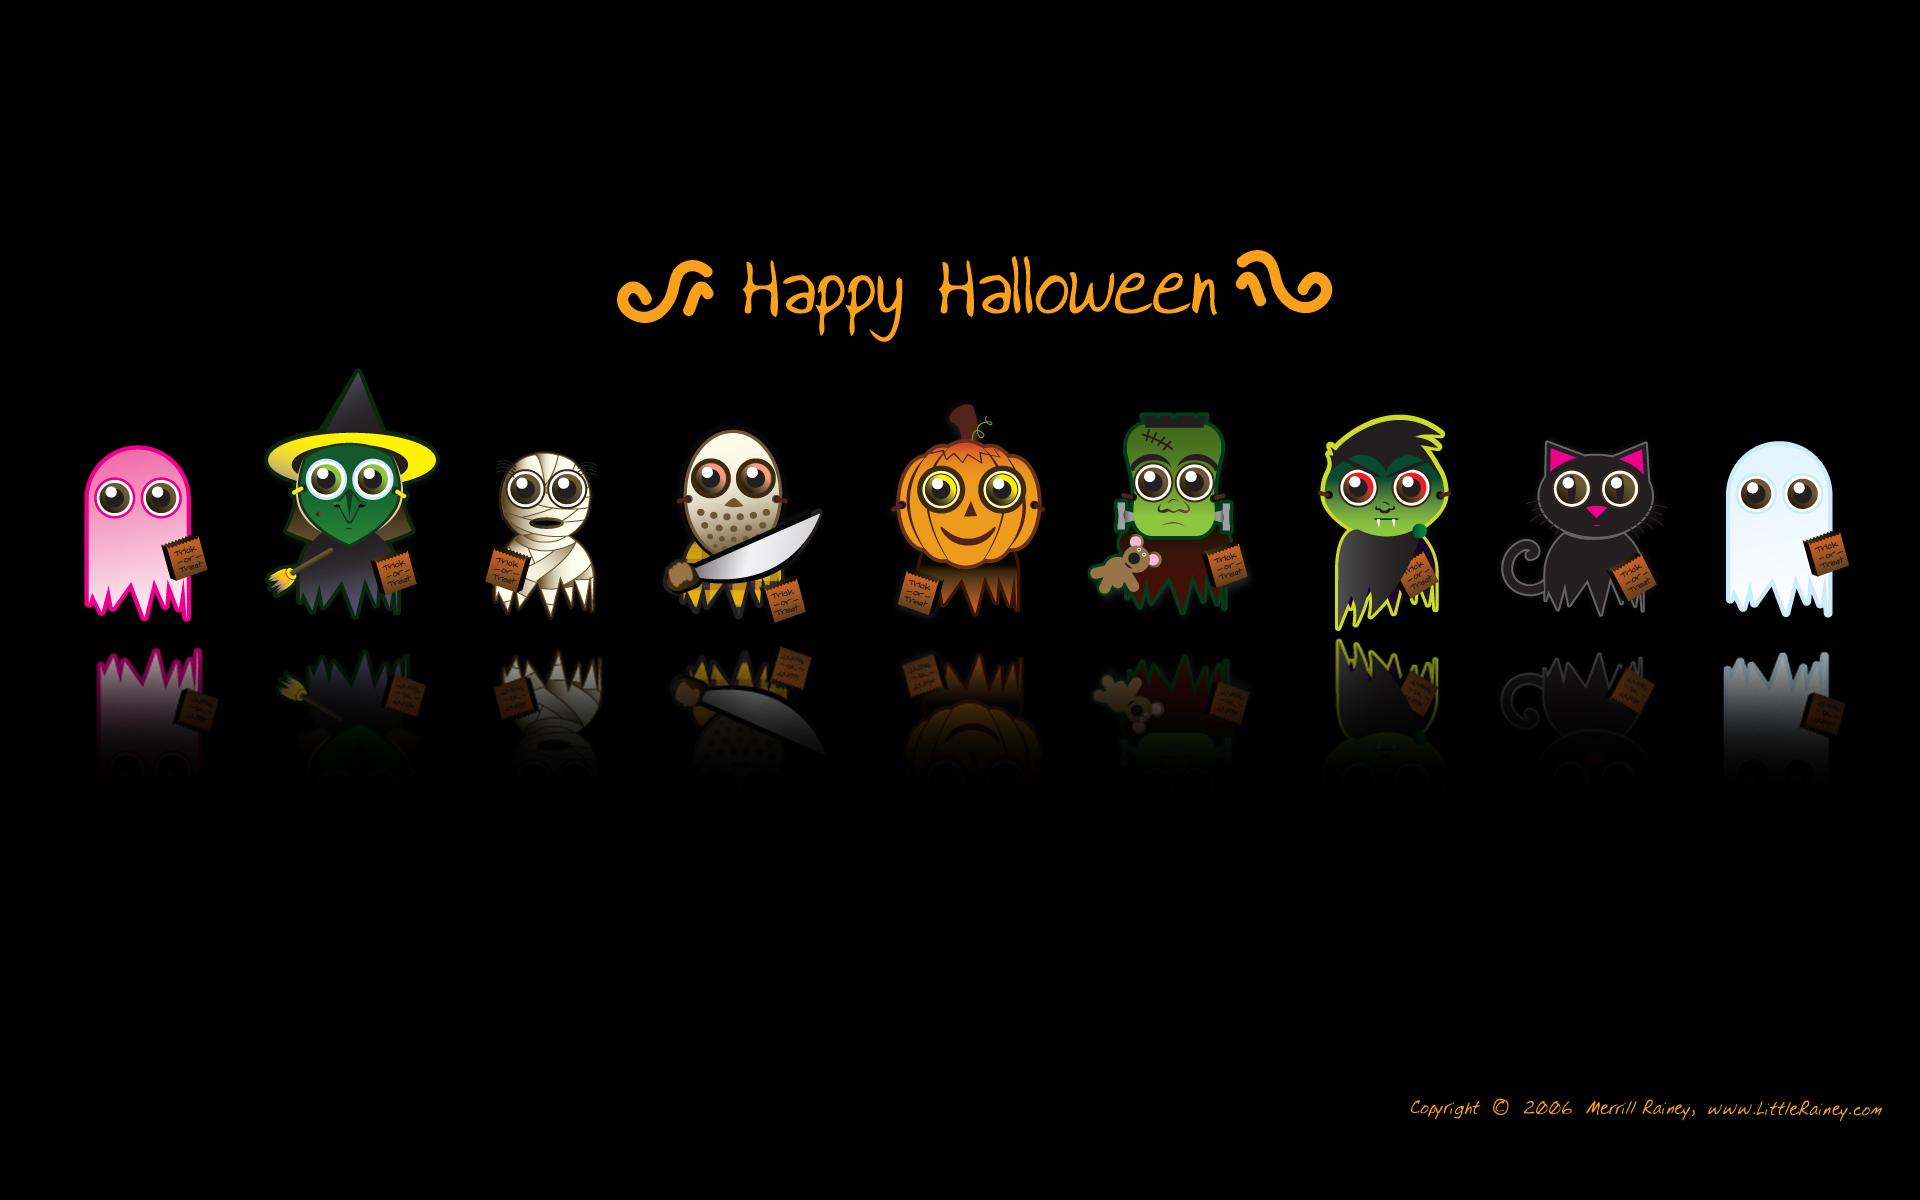 Dibujos de halloween - 1920x1200